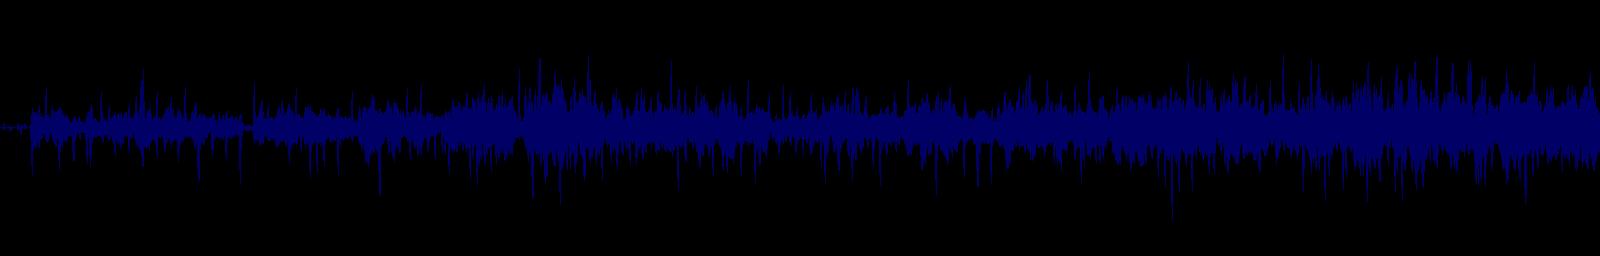 waveform of track #96466